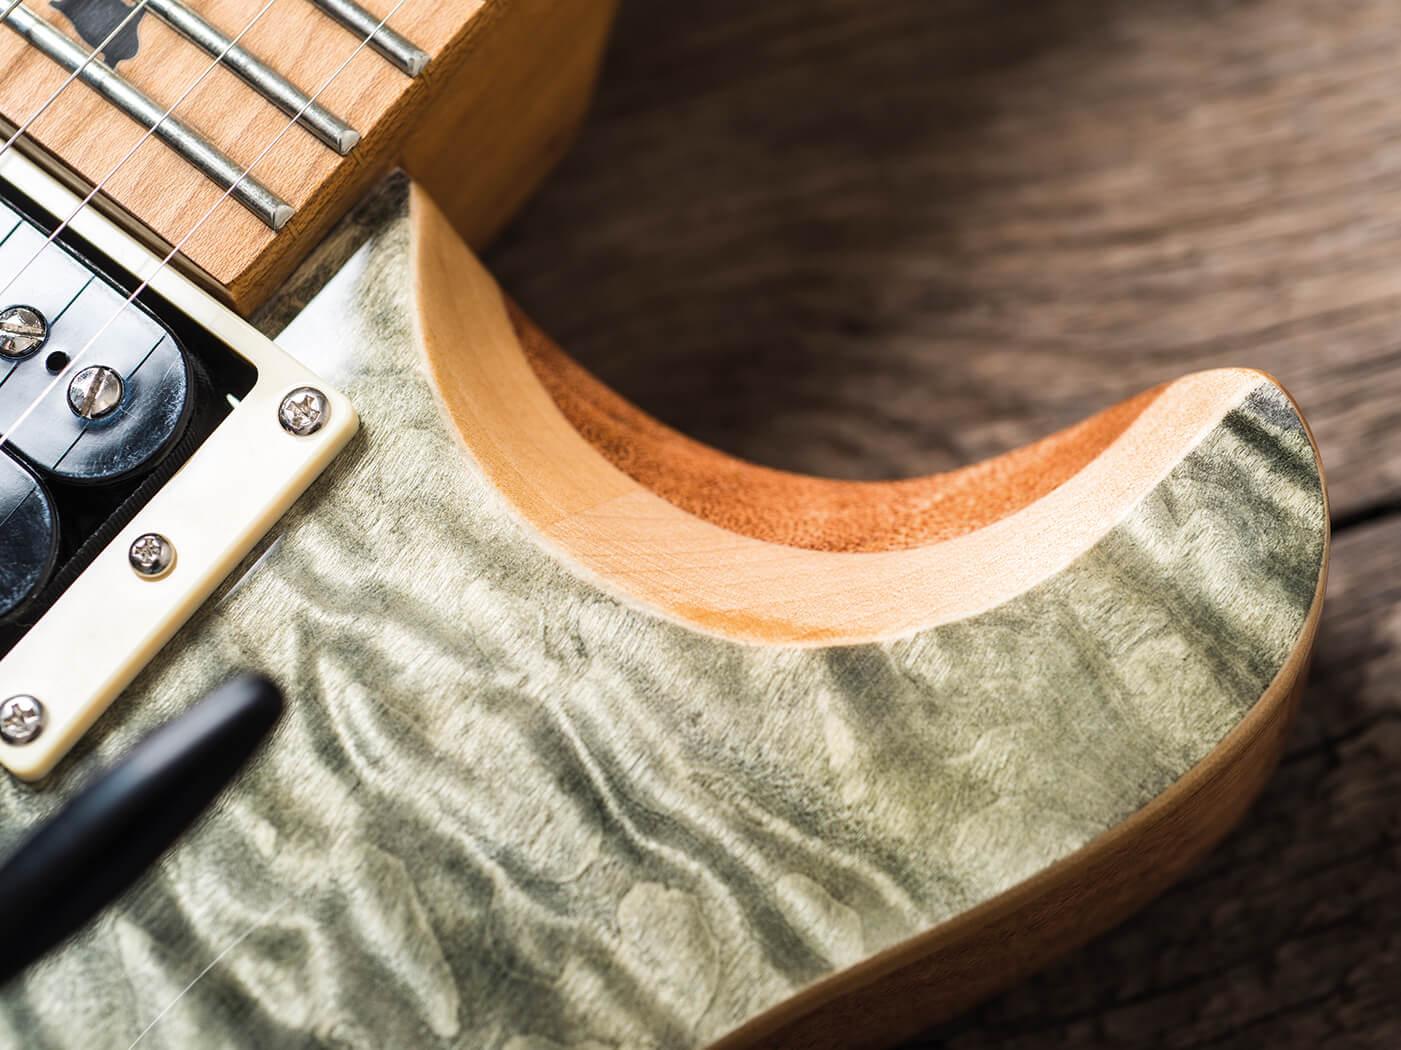 PRS SE Custom 24 Ltd Ed Roasted Maple Trampas Green quilted-maple veneer top